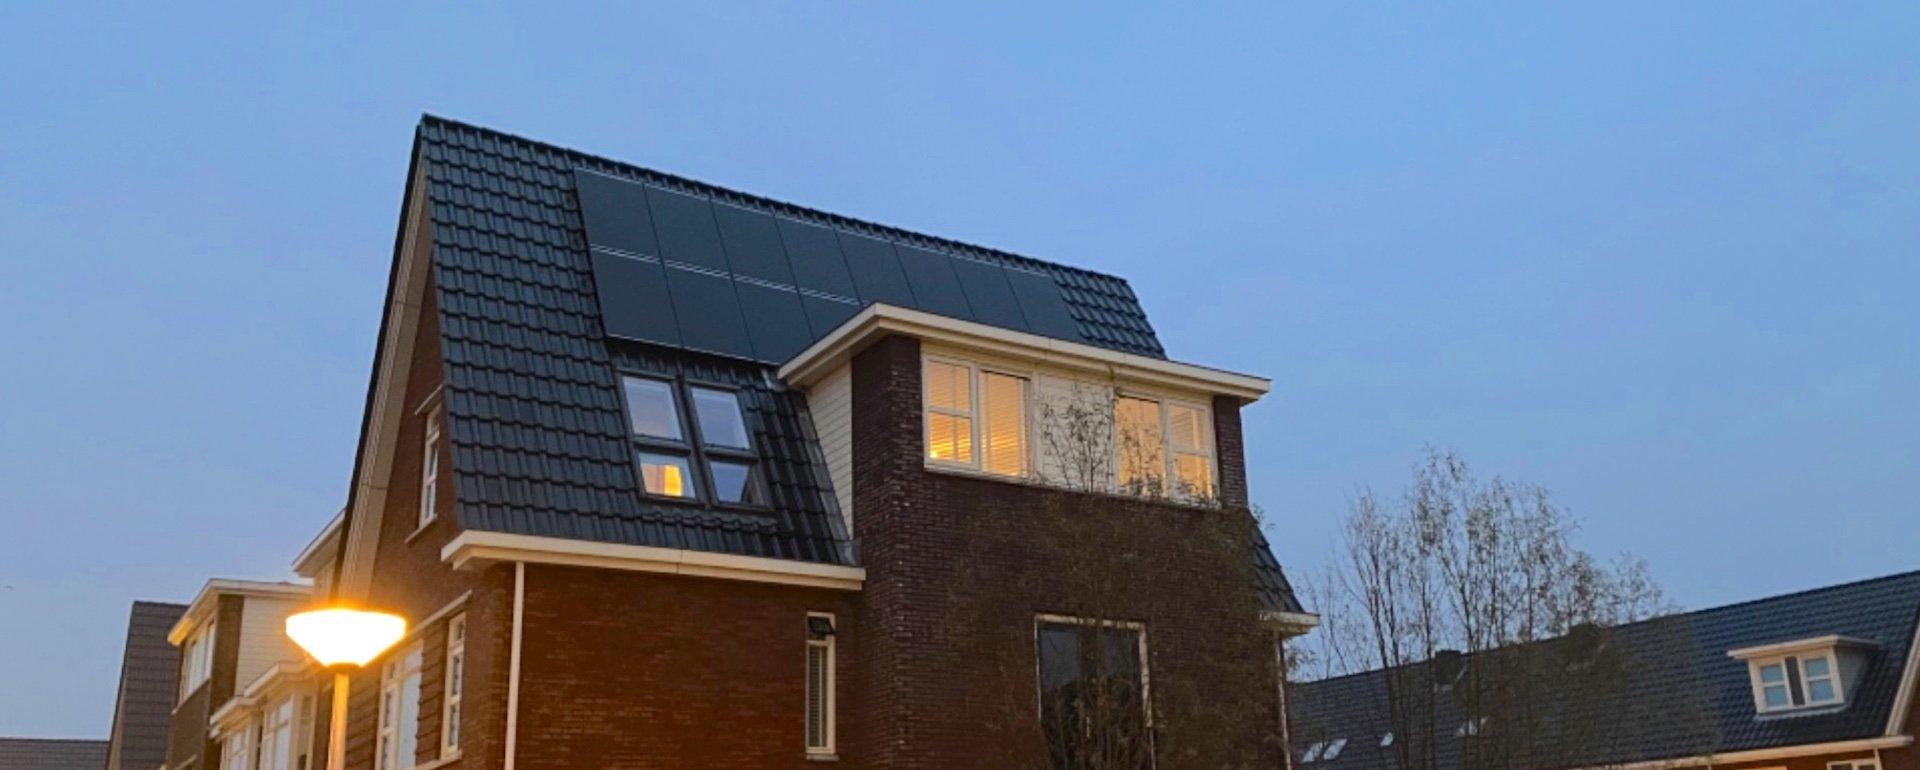 16 Solarwatt glas-glas panelen bij familie van Hoven